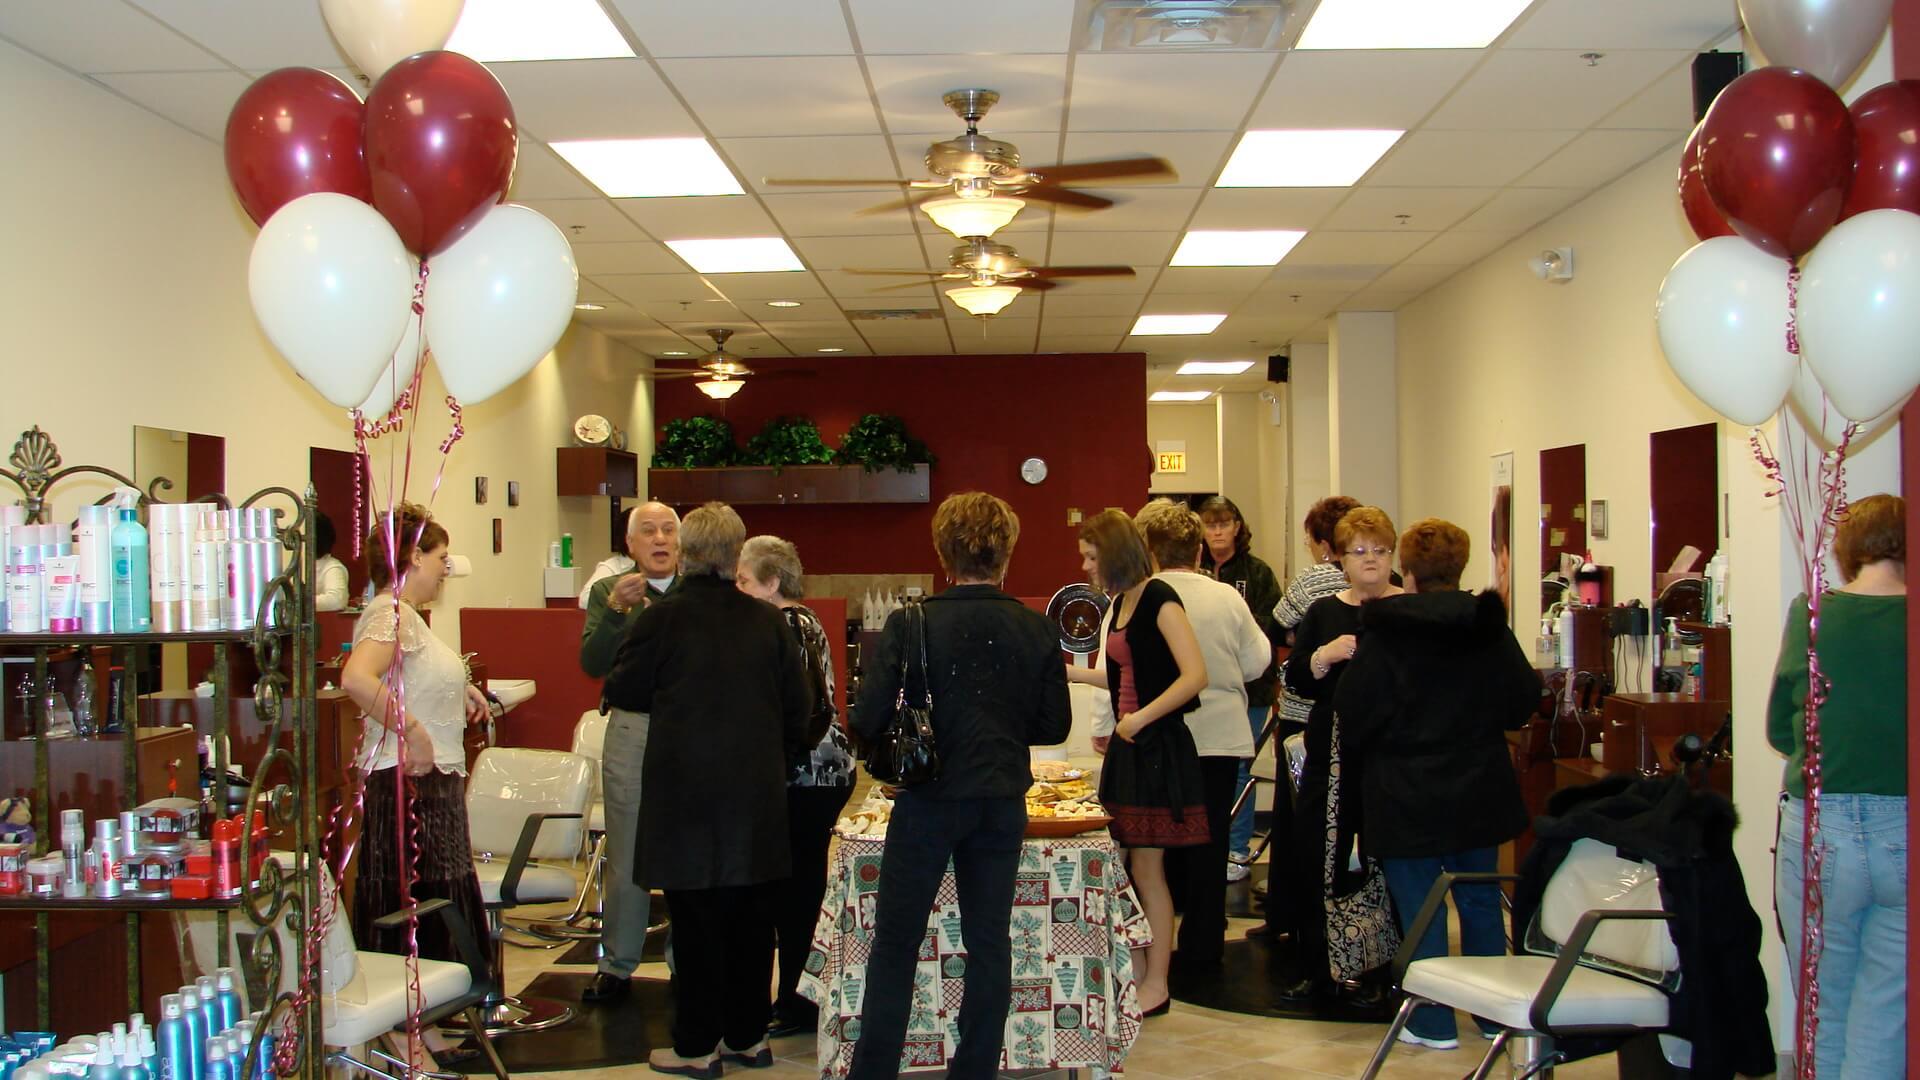 Balloon Decor event